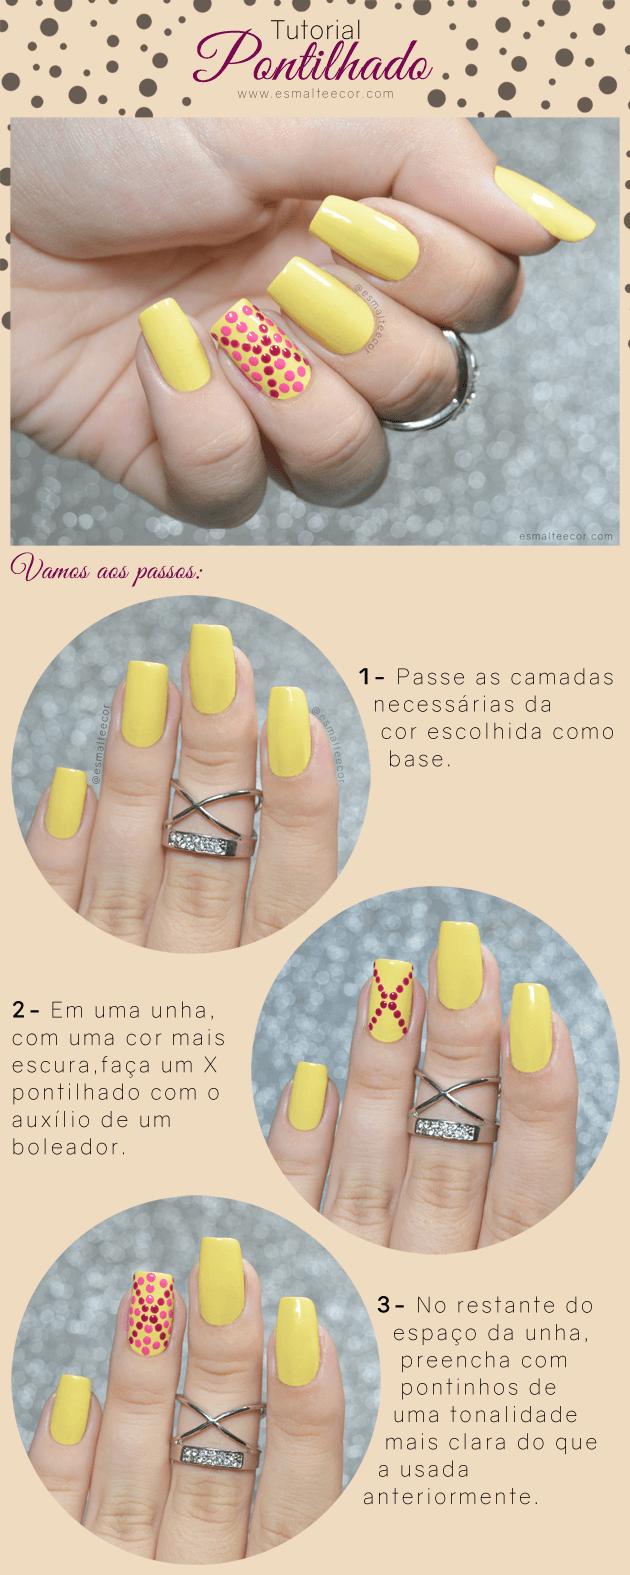 primeira-parte-tutorial-pontinhos-unhas-esmalte-e-cor